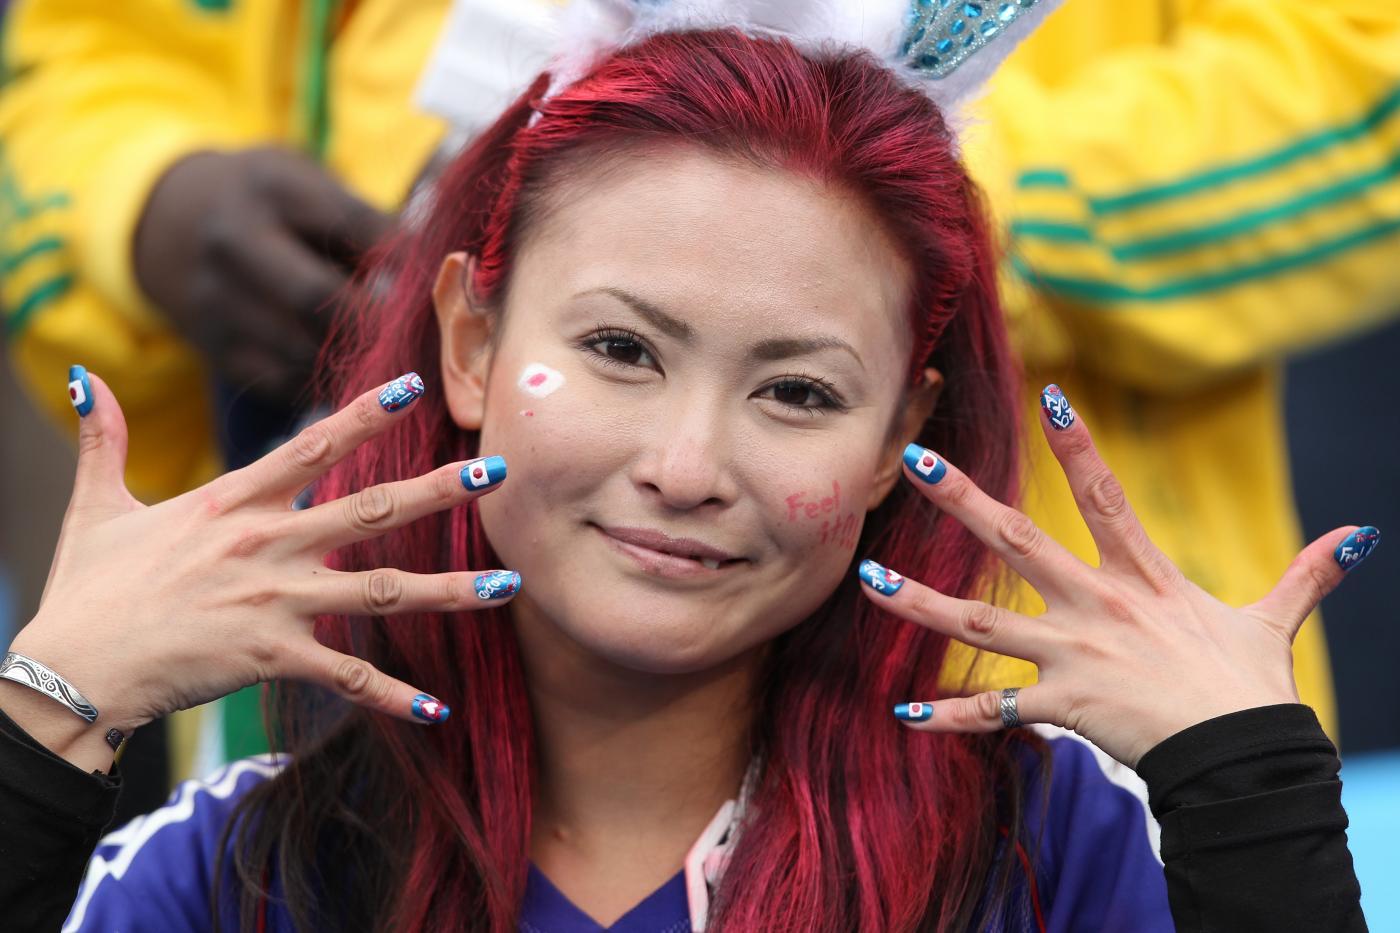 AFC Champions League, Kashima-Suwon mercoledì 3 ottobre: analisi e pronostico dell'andata della semifinale della manifestazione